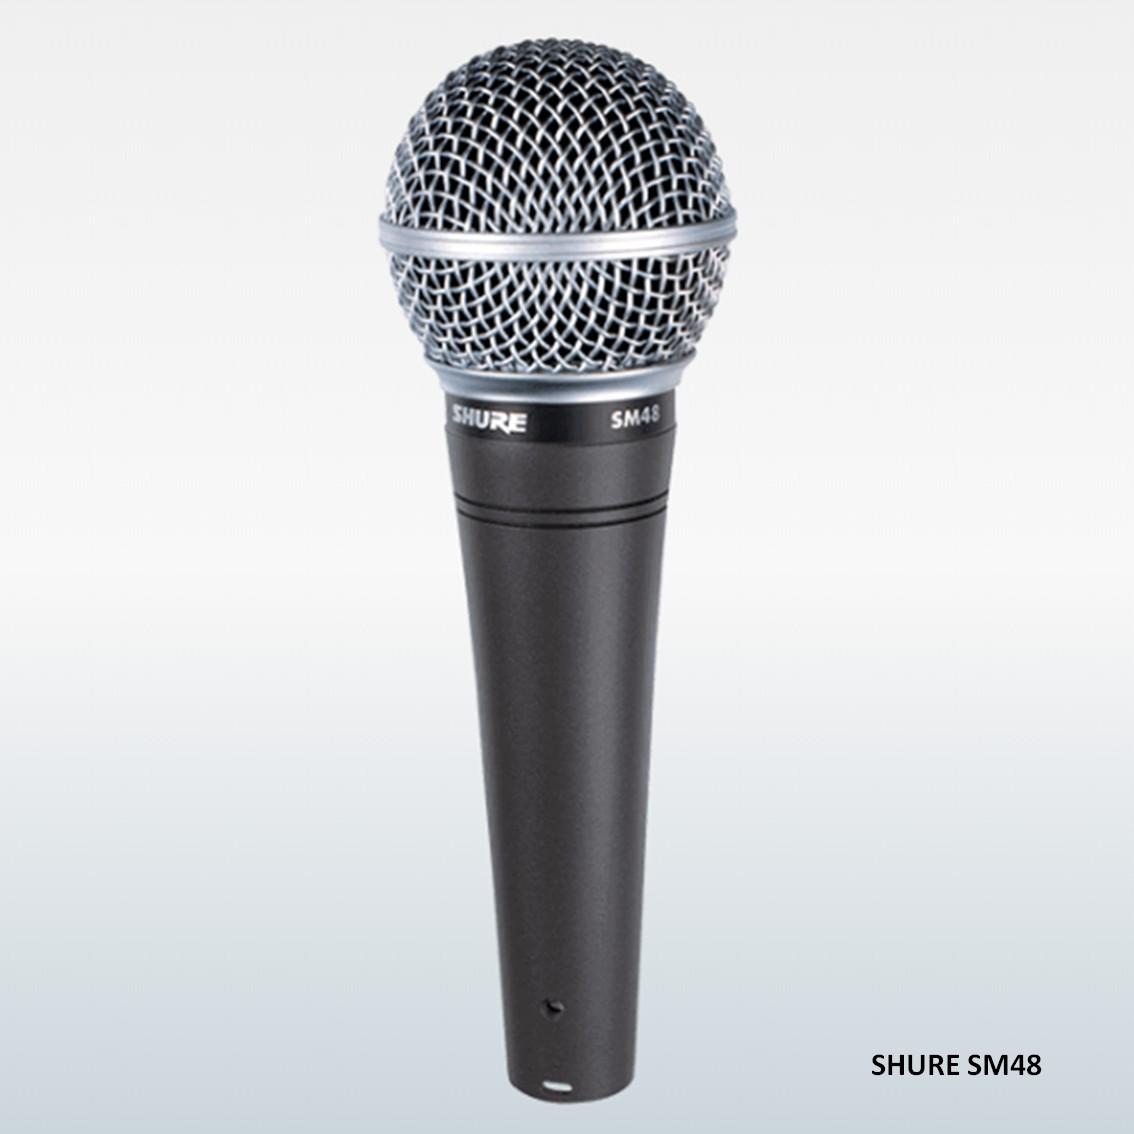 Imagem do produto Microfone de Mão Shure SM48 LC